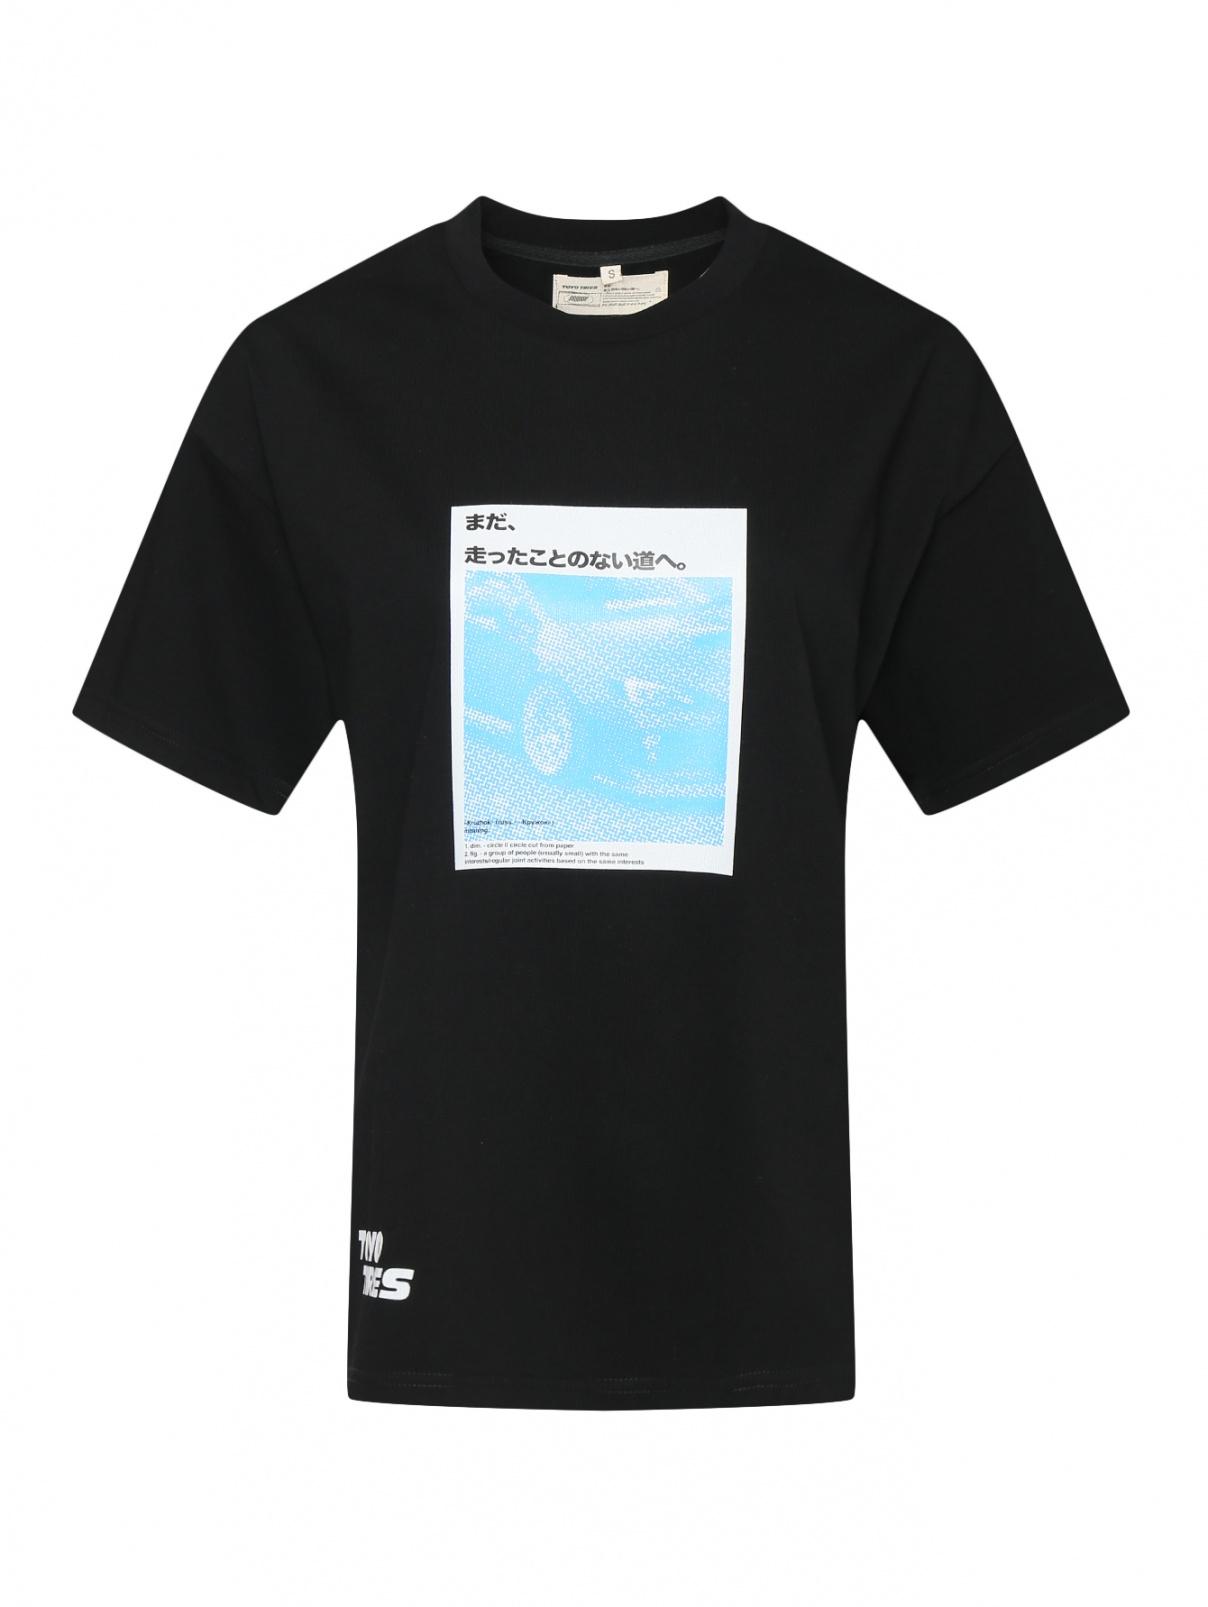 Хлопковая футболка свободного кроя с принтом Kruzhok  –  Общий вид